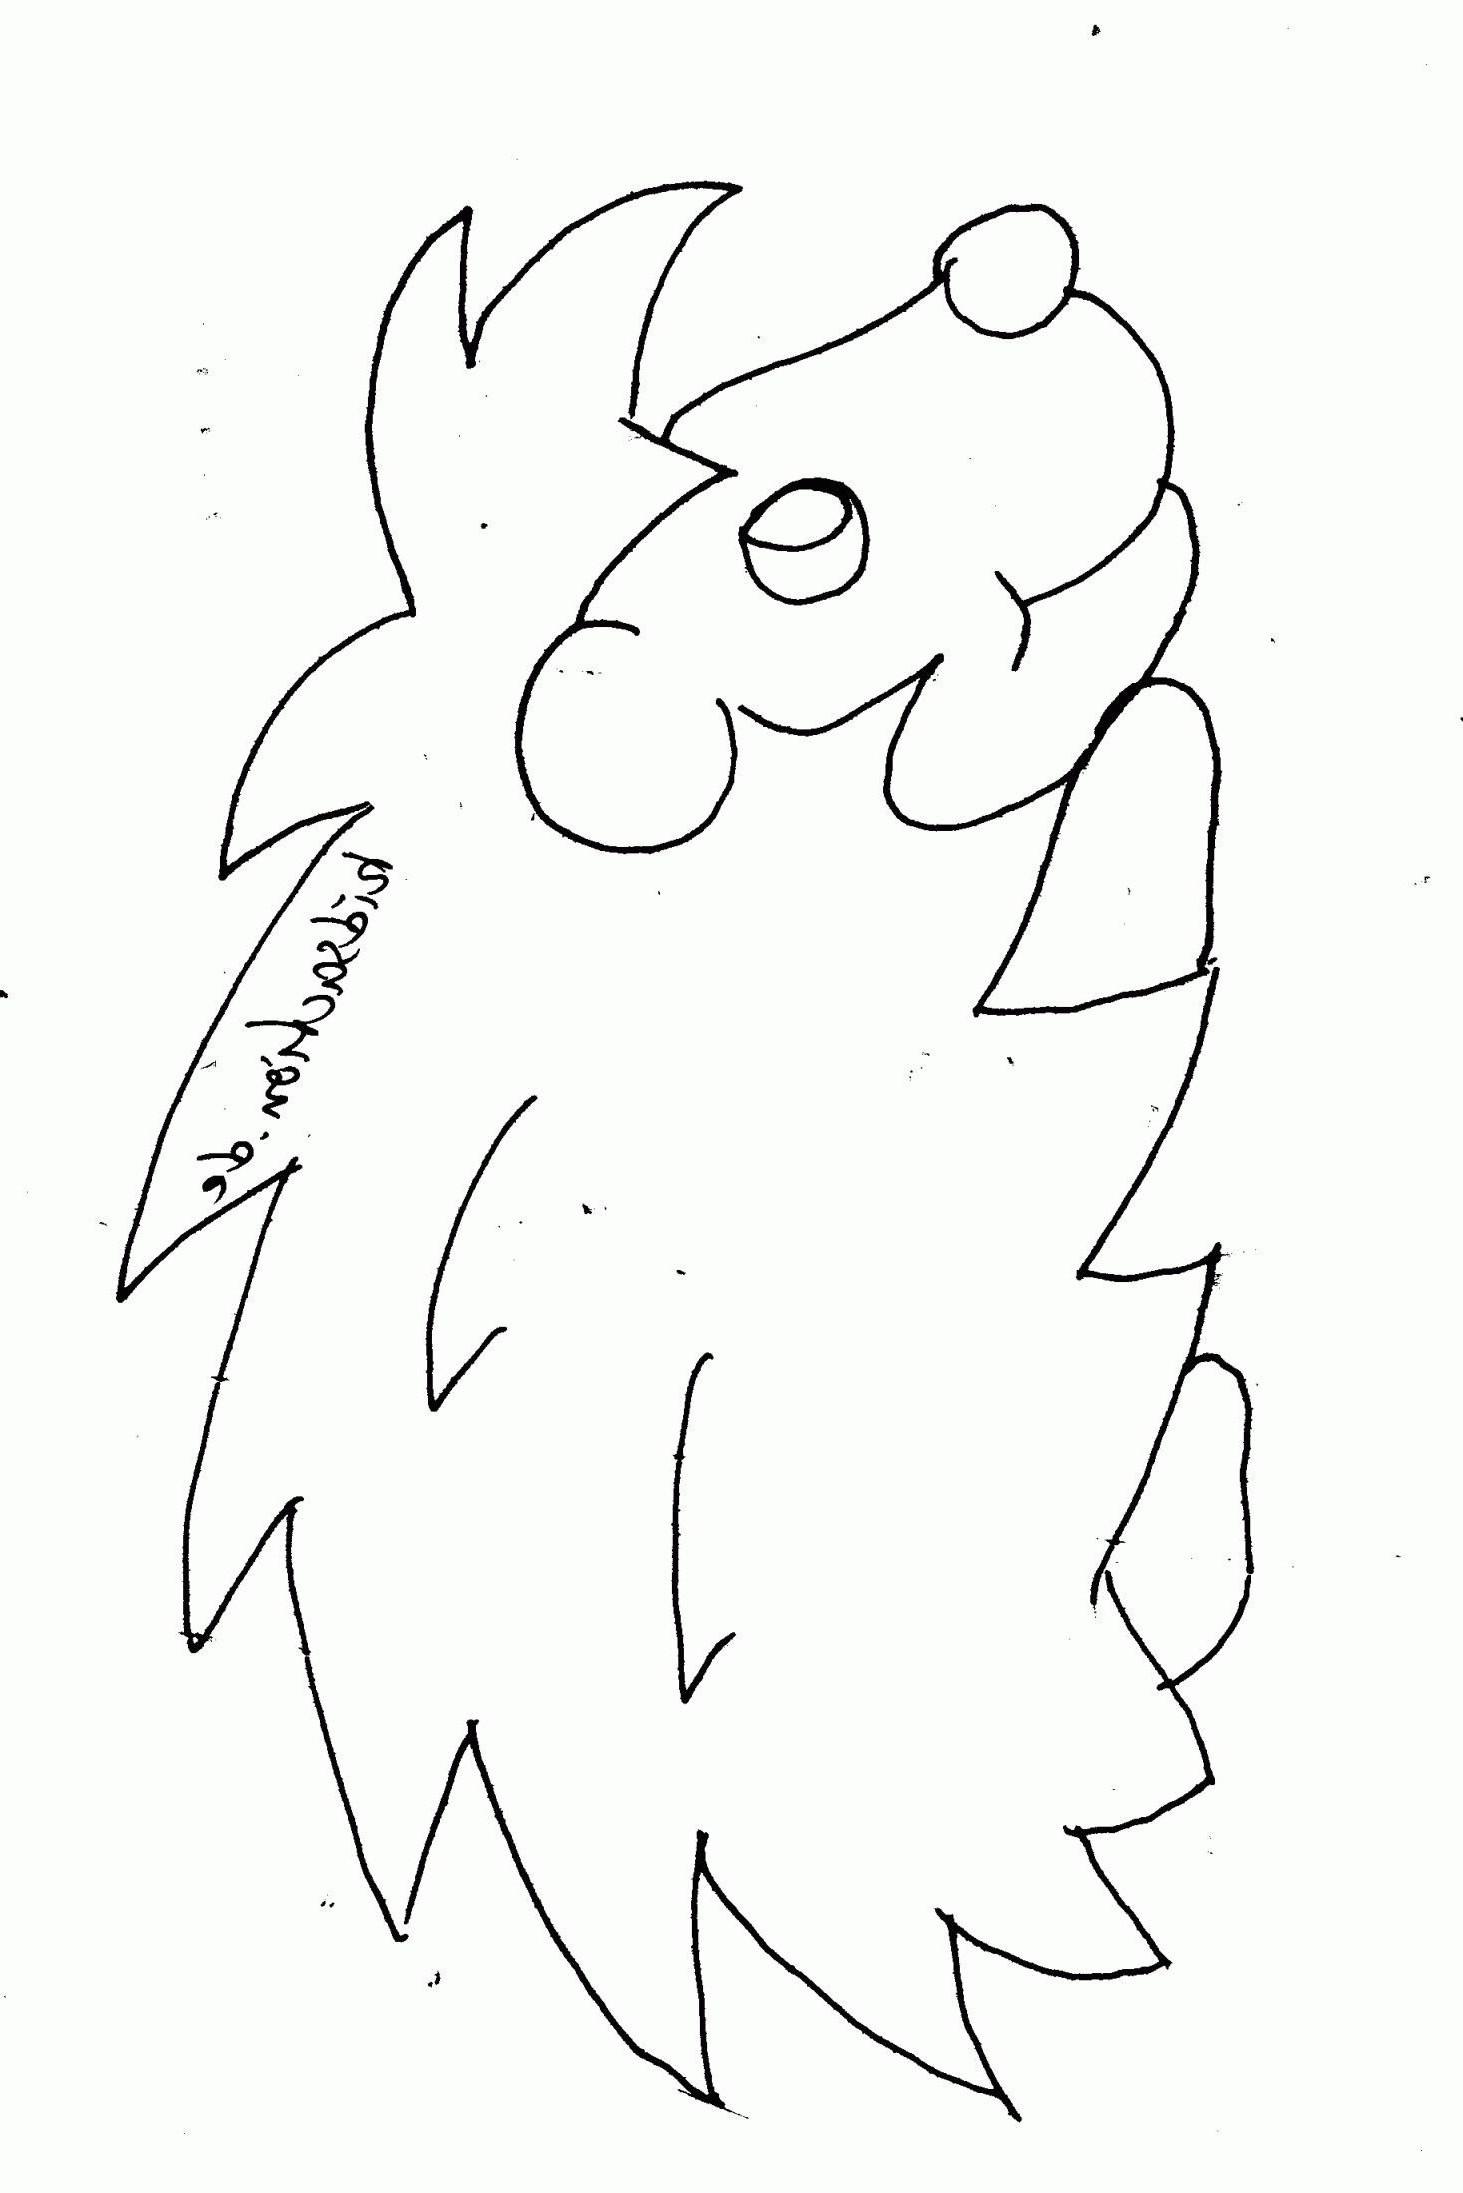 Flamingo Zum Ausmalen Frisch 44 Fantastisch Geburtstag Ausmalbilder – Große Coloring Page Sammlung Das Bild